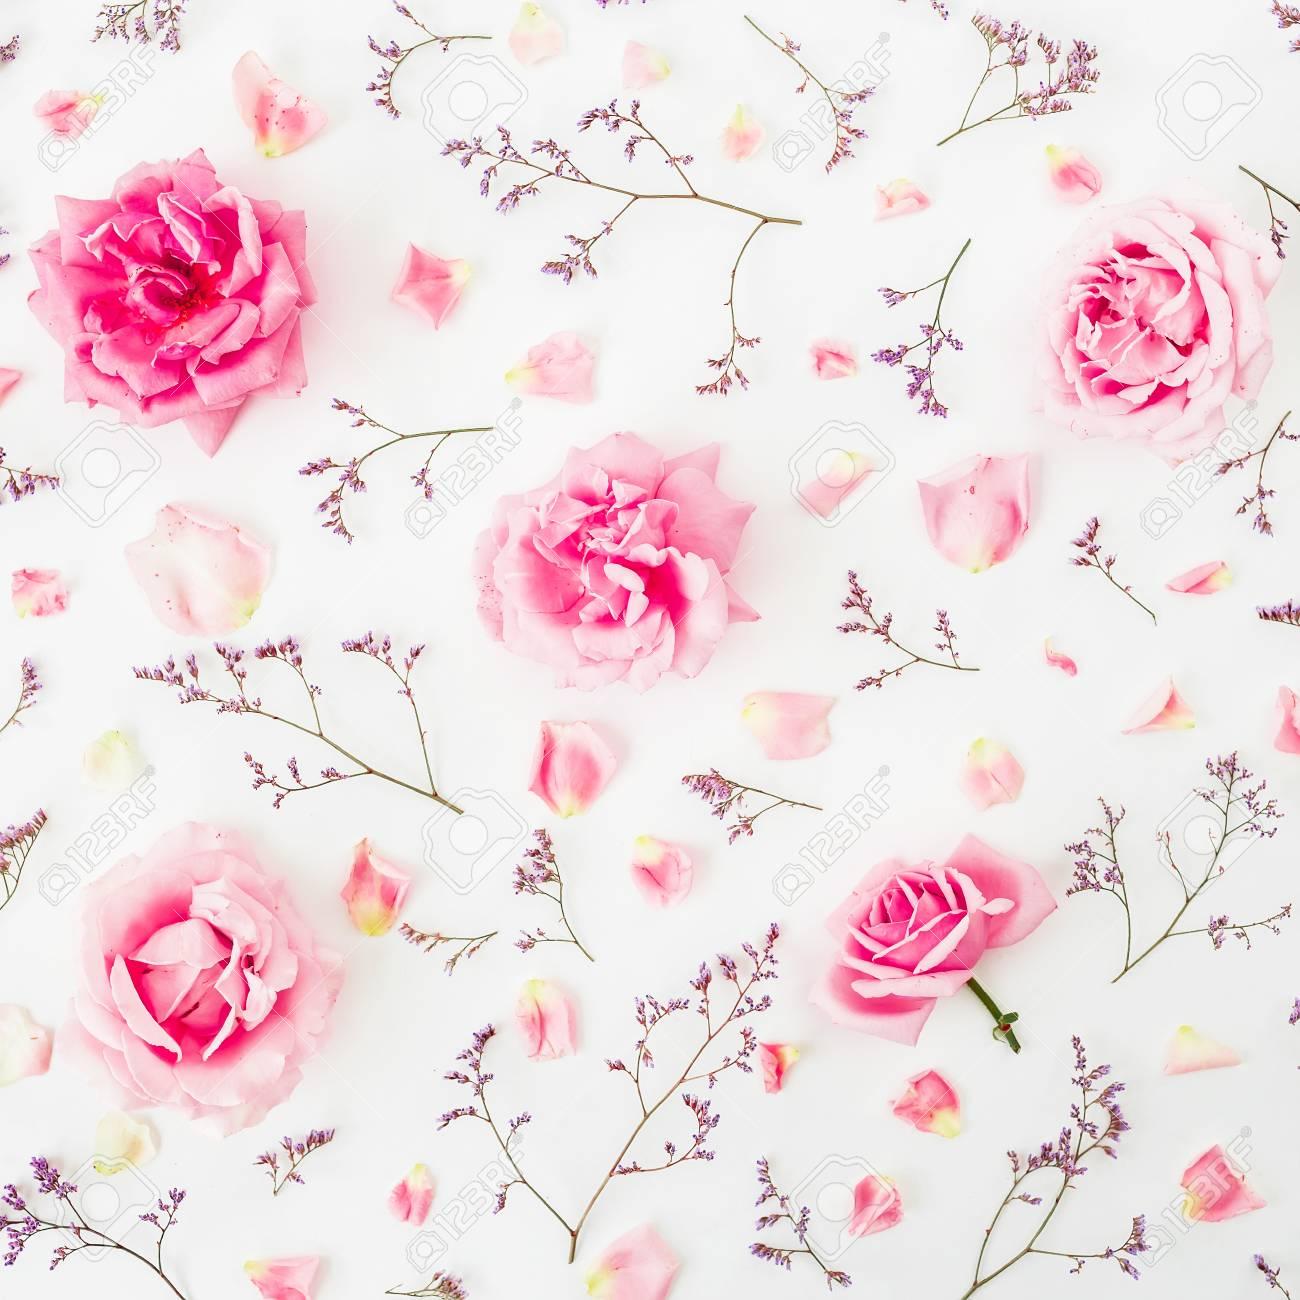 Estampado De Flores De Rosas Flores Silvestres Y Petalos De Rosa